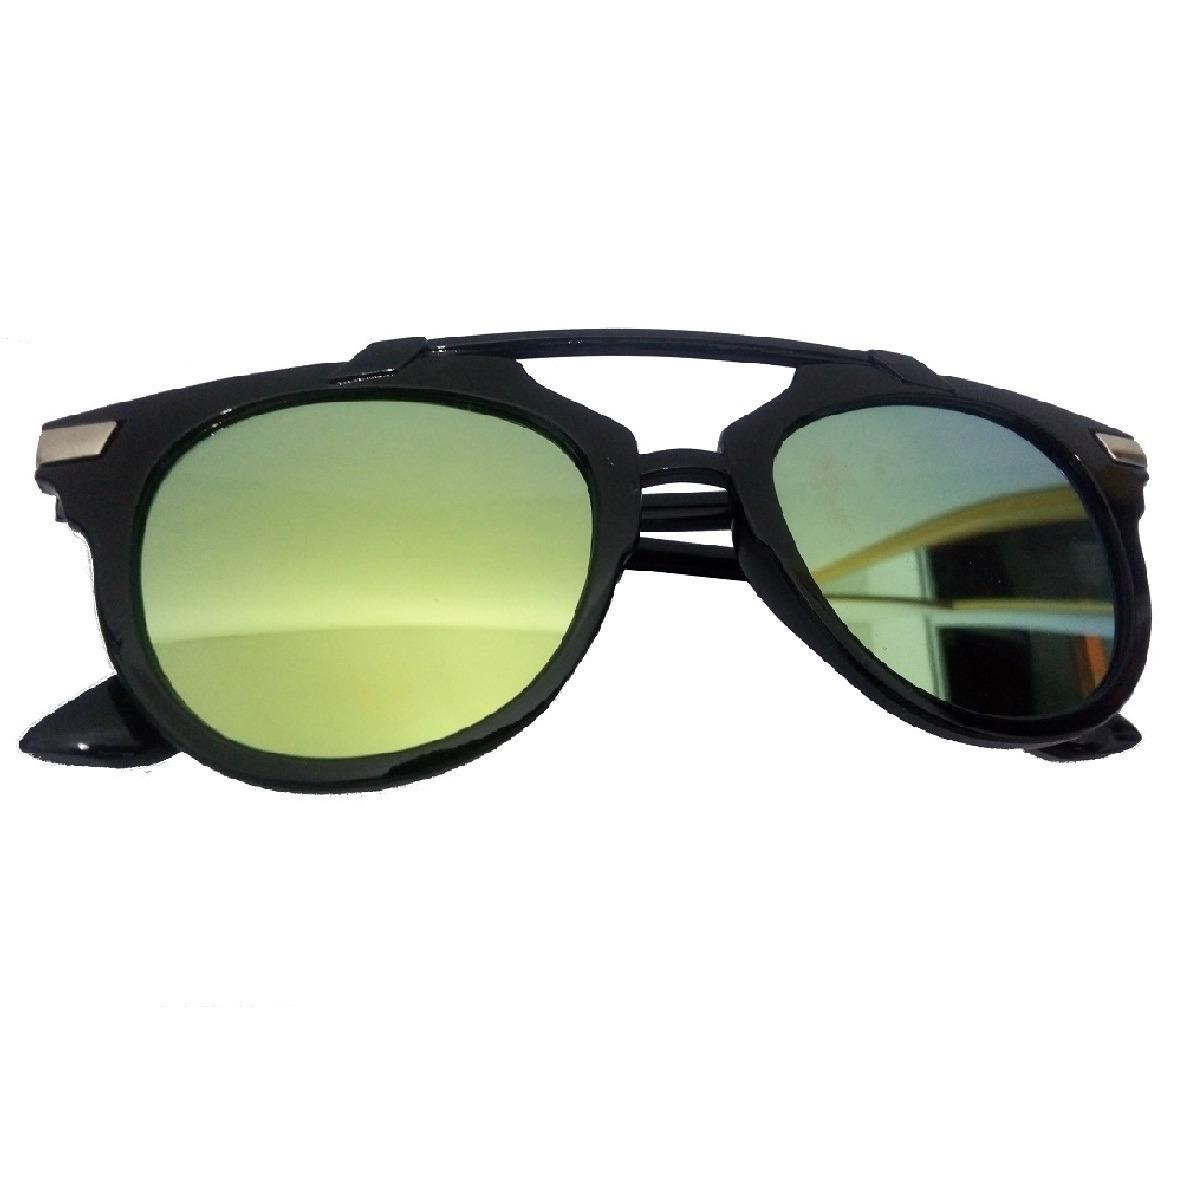 d0b85c7962c42 oculos de sol proteção uv400 infantil. Carregando zoom.